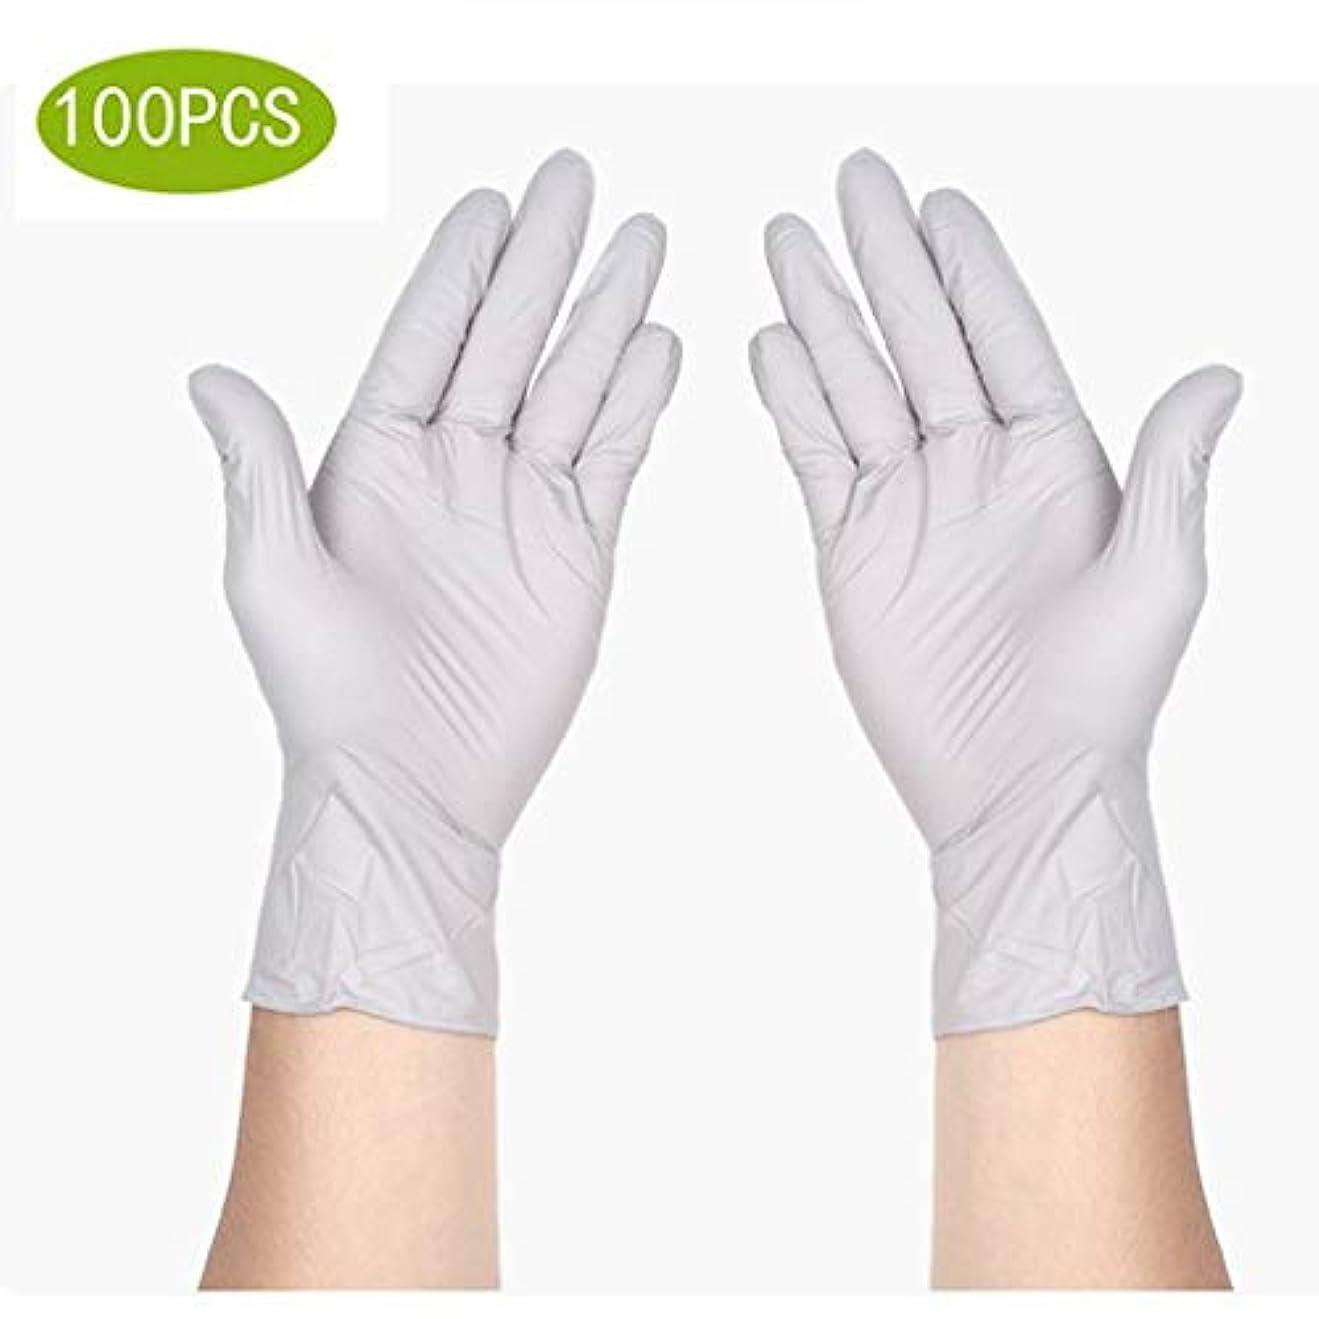 不足キャンパス成功したサニタリー手袋ニトリル医療グレード試験用手袋、使い捨て、ラテックスフリー、100カウント滅菌使い捨て安全手袋 (Size : L)